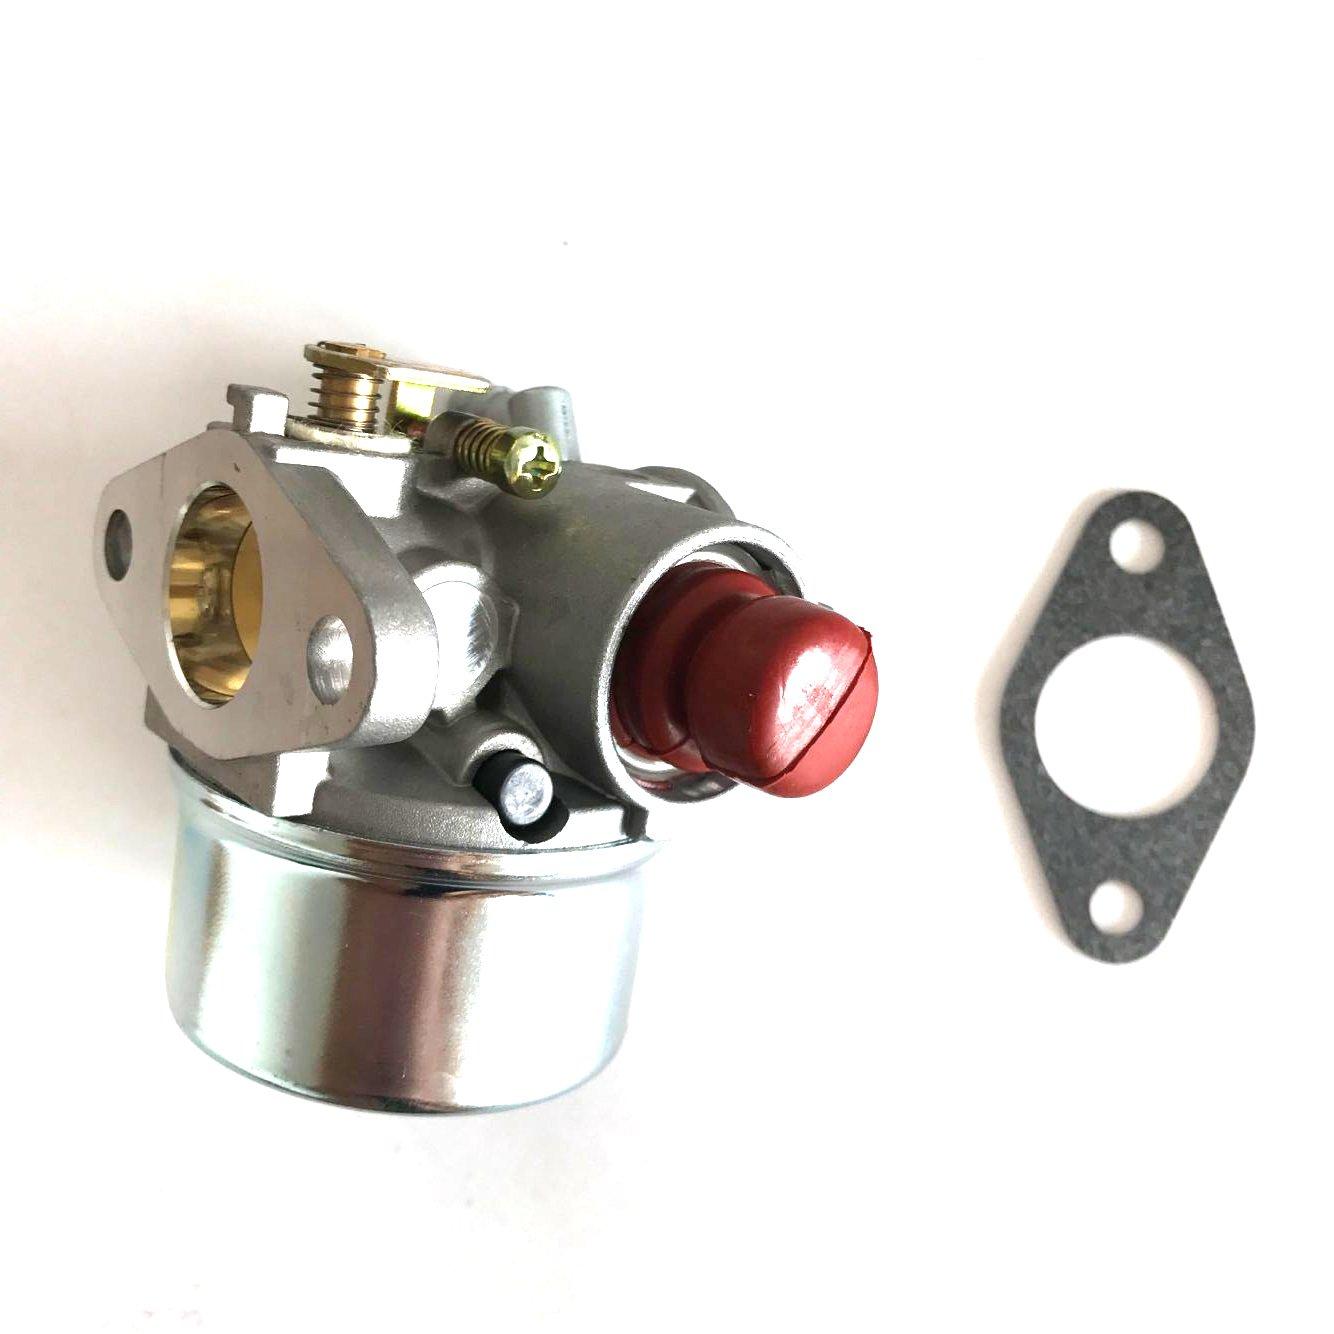 HQParts Carburetor for Coleman Powermate Maxa 3000 OHV Generator Enduro 5.5HP 6HP Tecumseh by HQParts